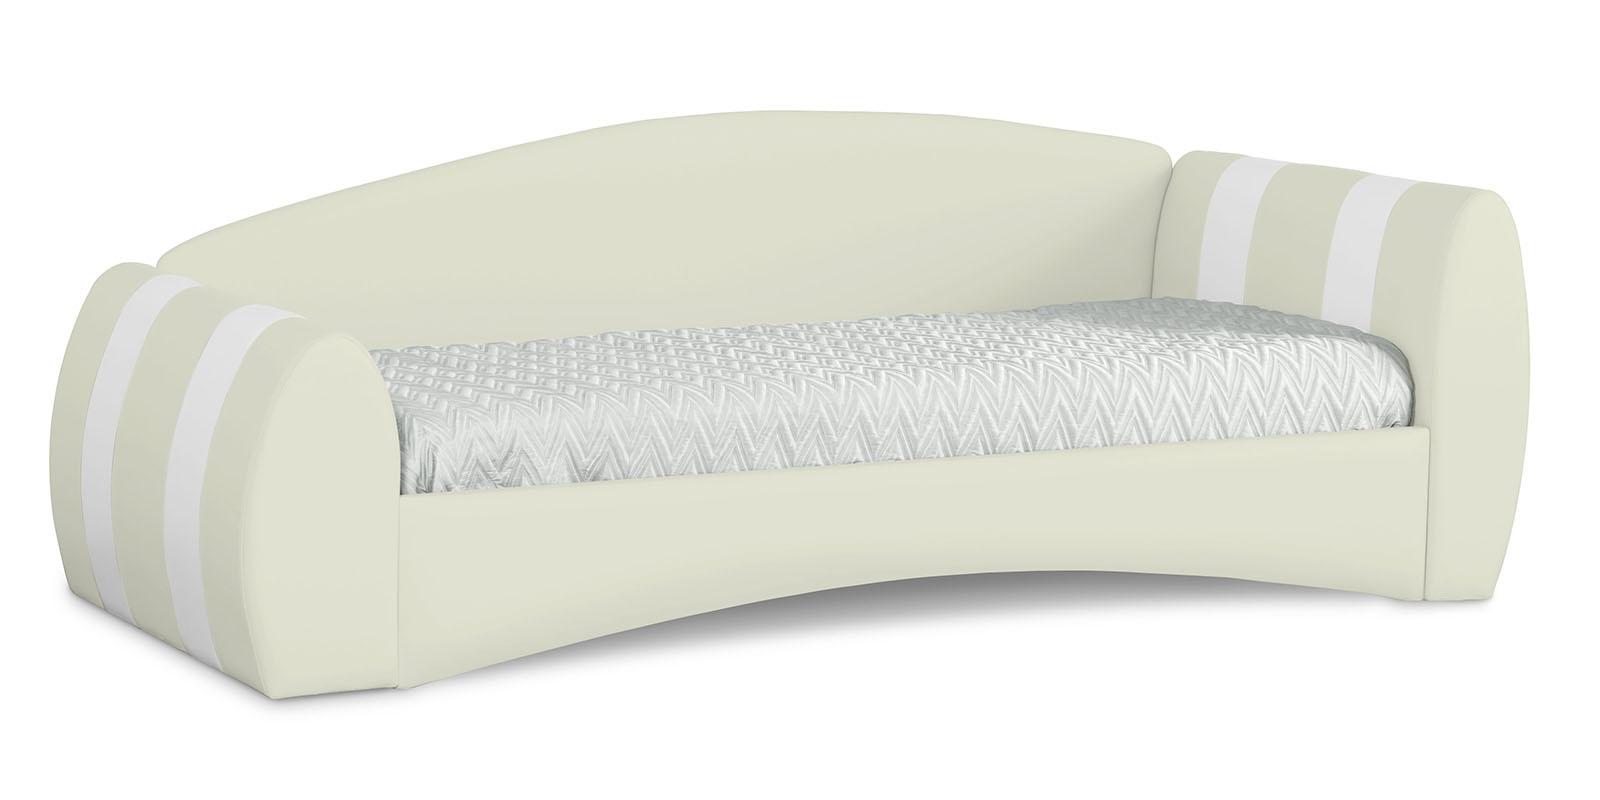 Кровать мягкая 190х90 Монако угол правый (молочный/белый)